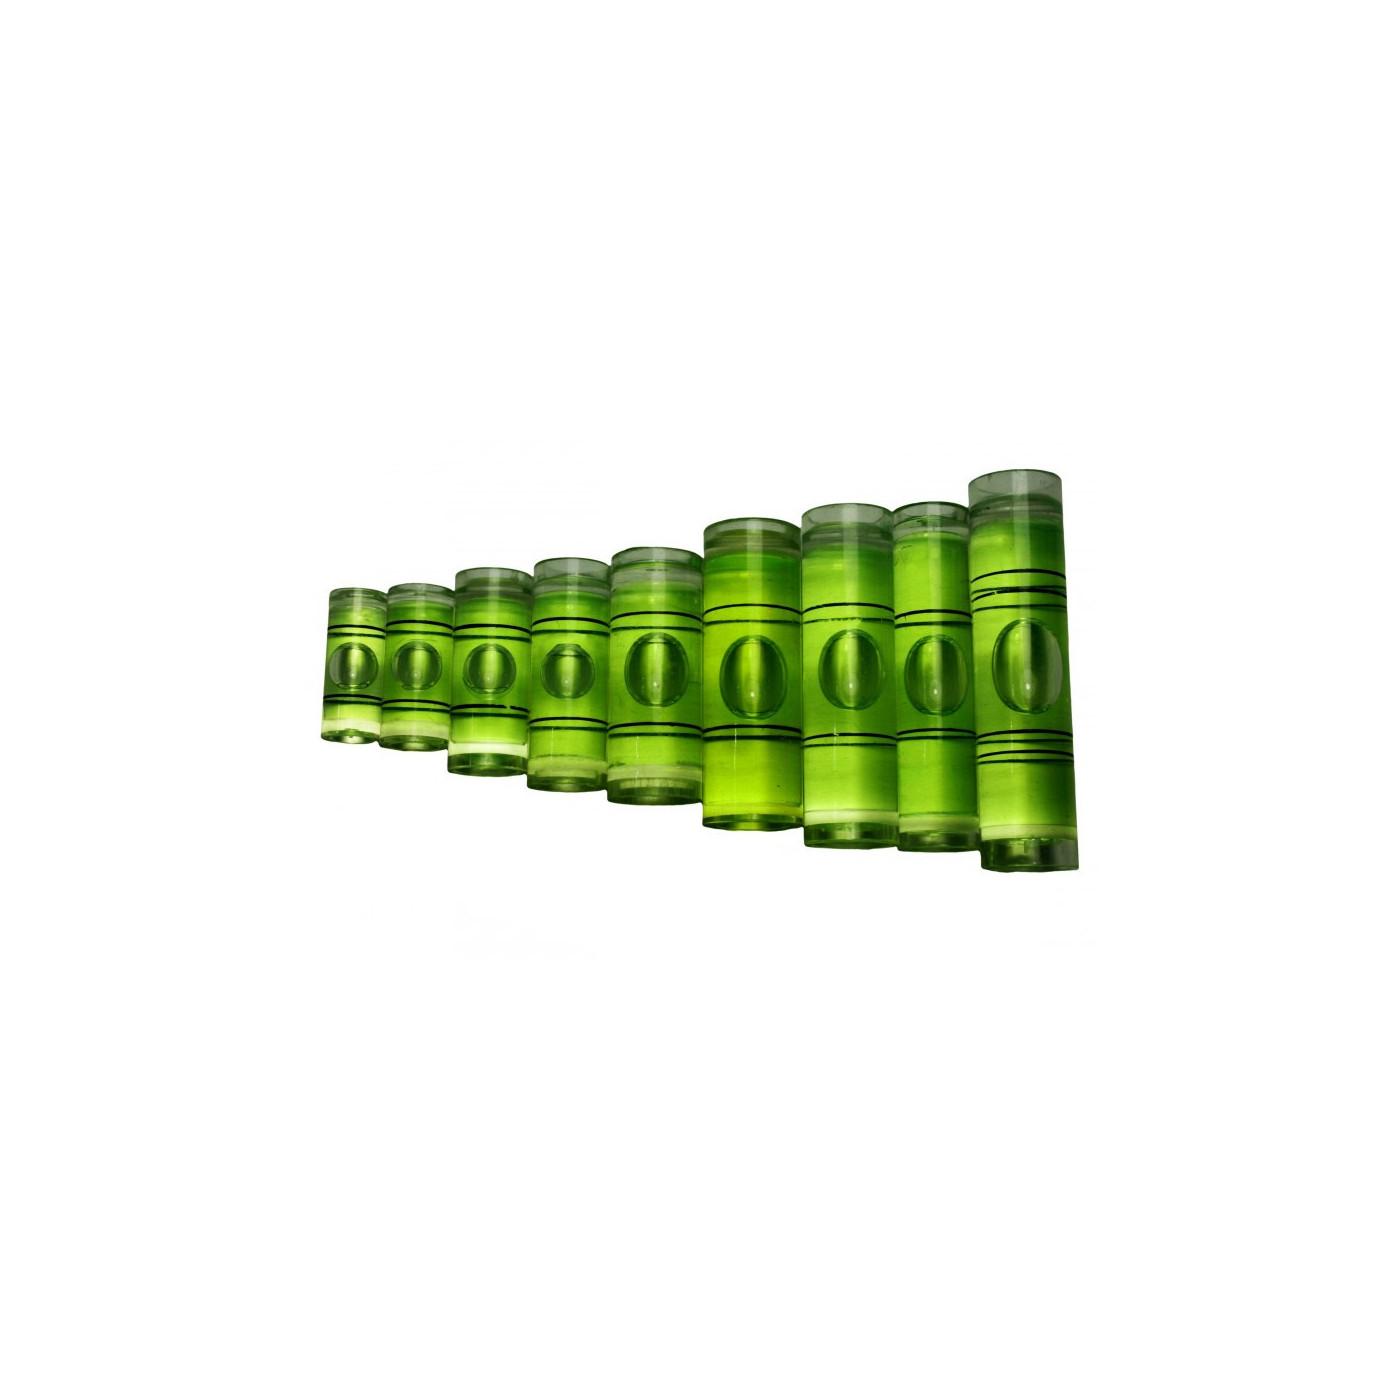 Conjunto de 20 frascos para níveis de bolha (tamanho 2, verde)  - 1